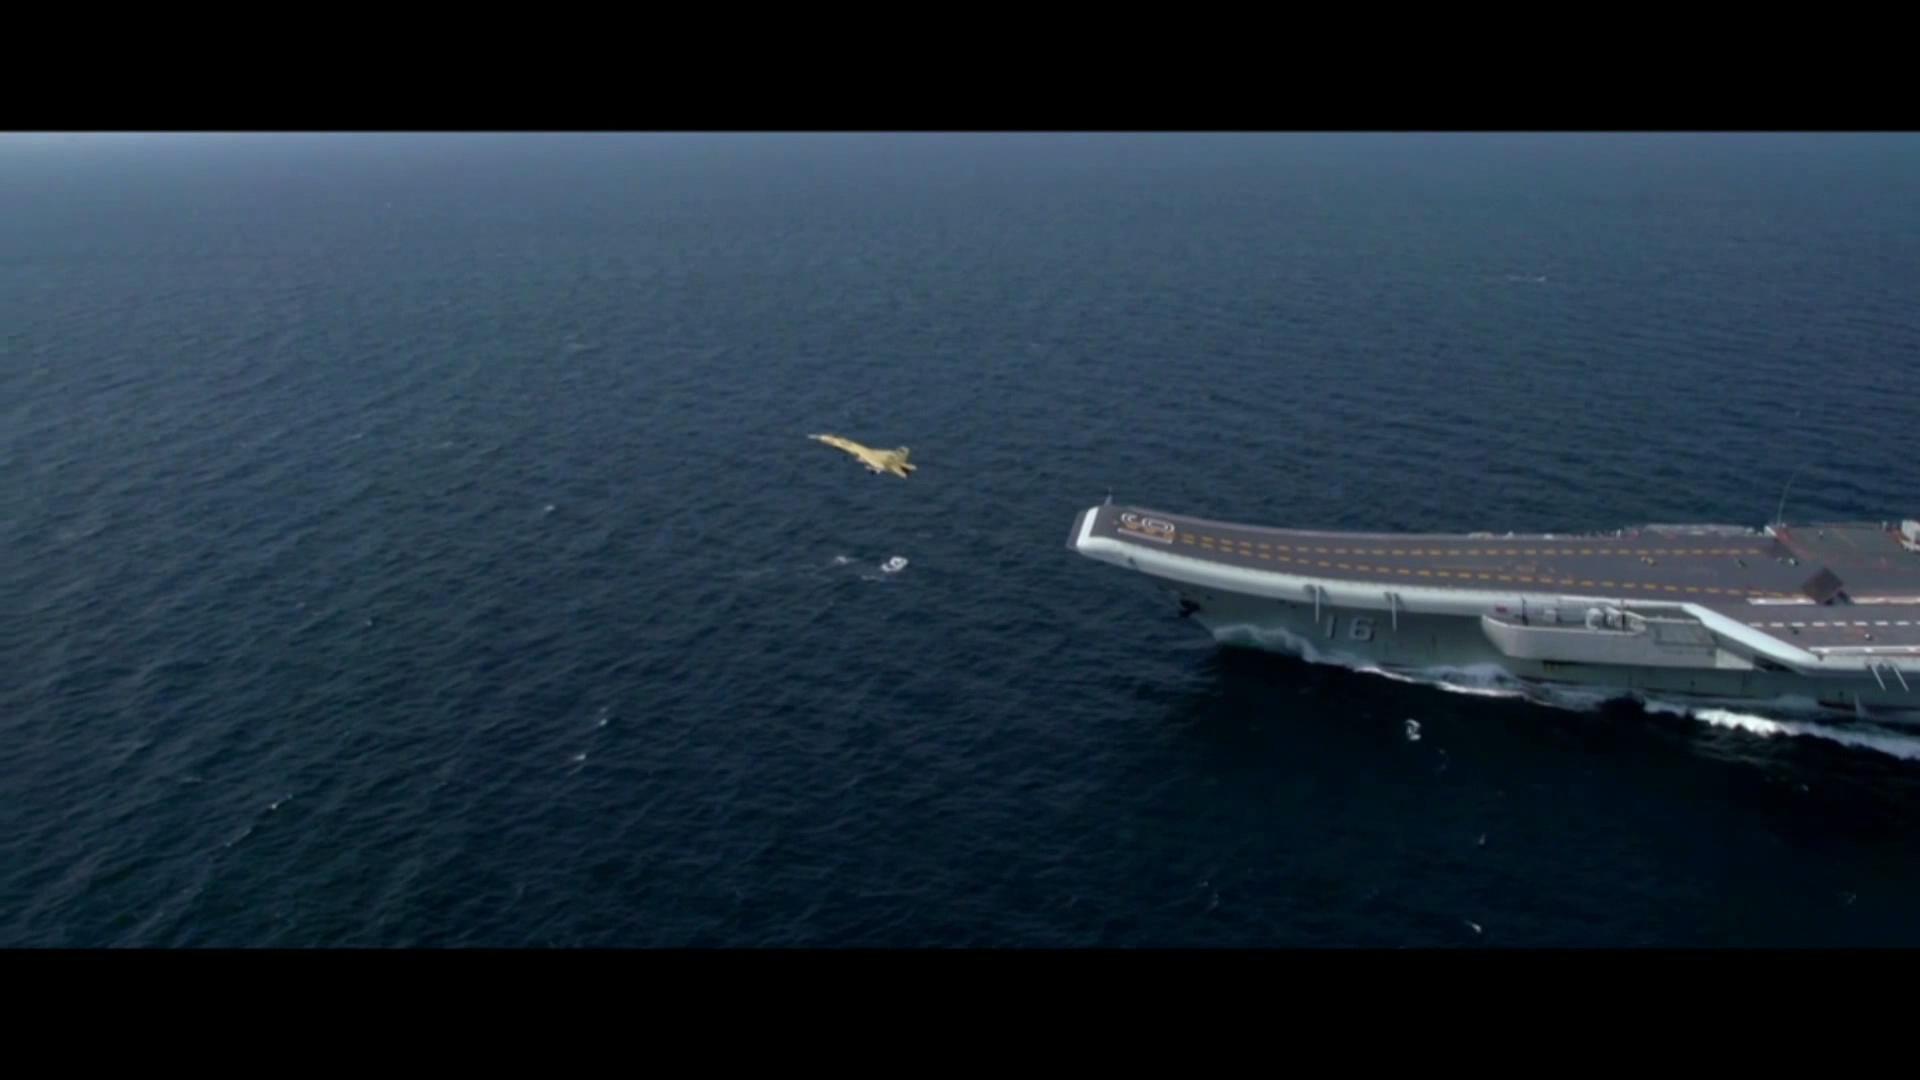 高清中国航母辽宁舰宣传视频素材